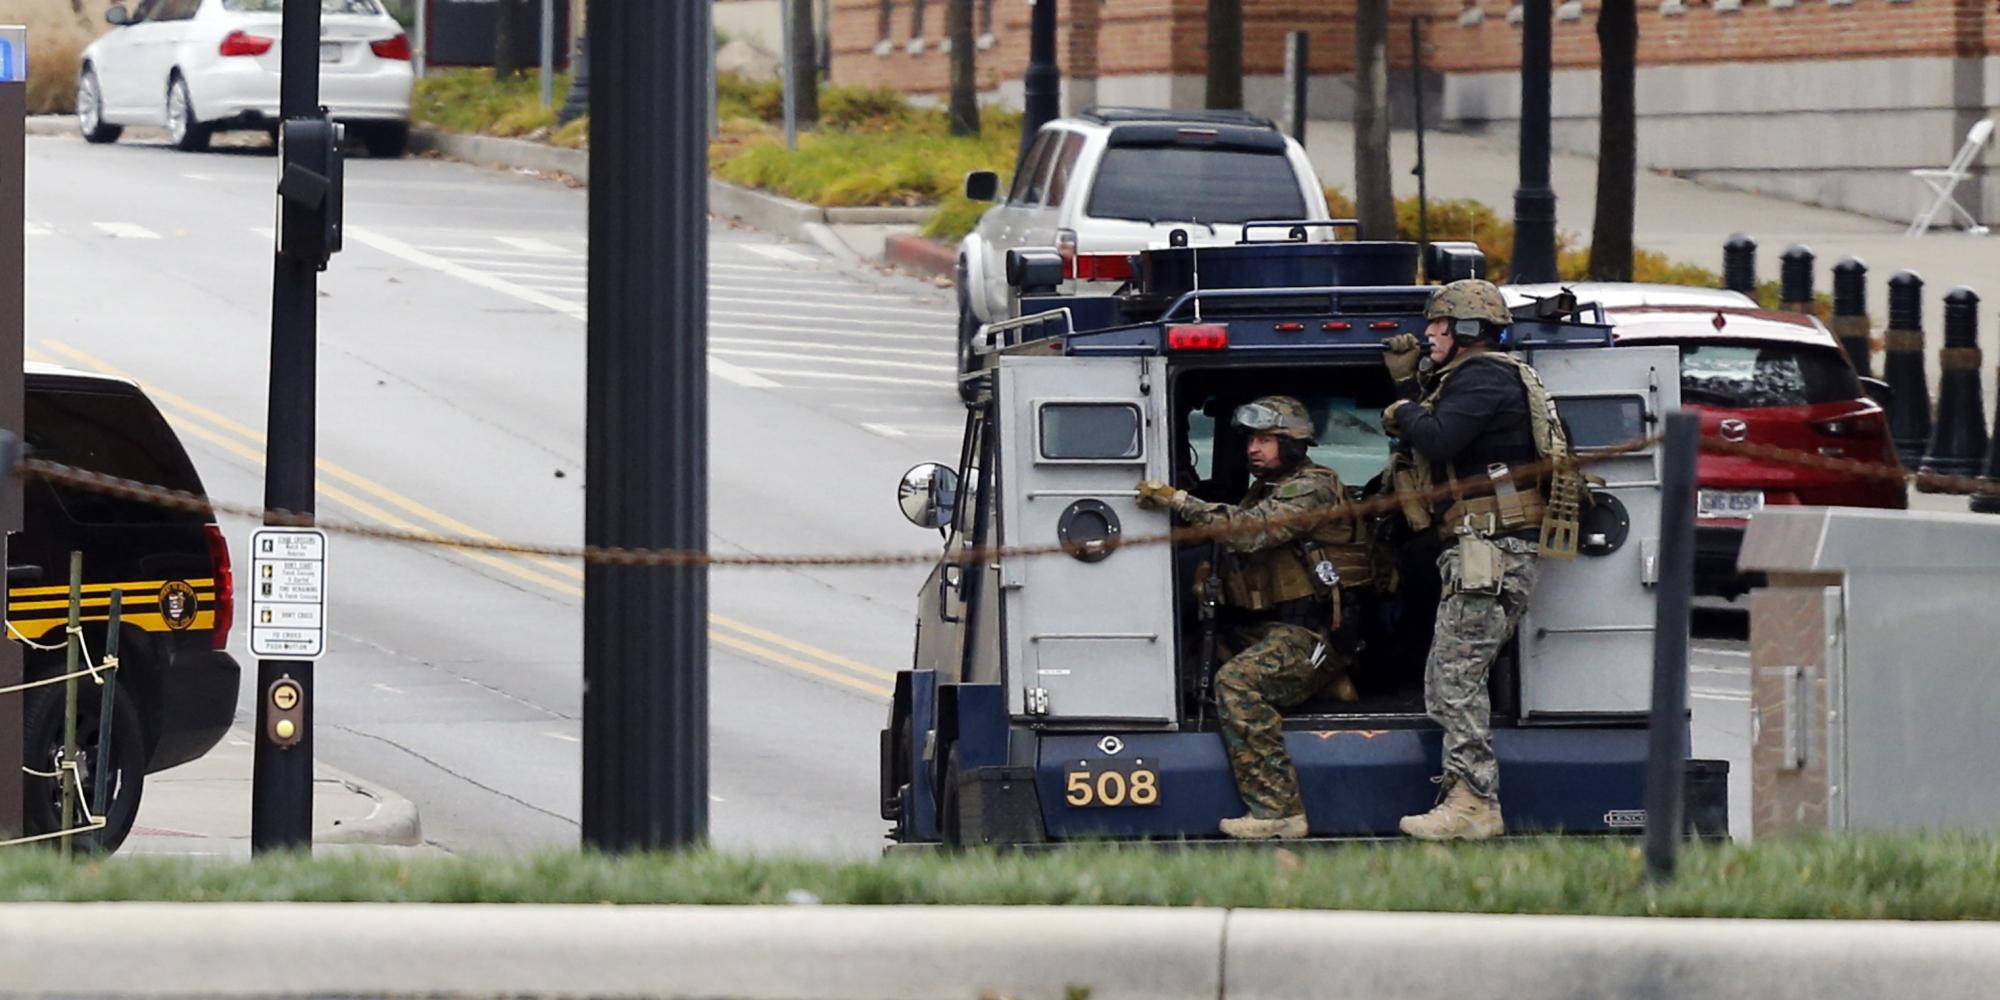 هجوم على جامعة أوهايو الأميركية يُخلِّف جرحى.. والشرطة تطلق النار على شاب من أصول صومالية وتقتله